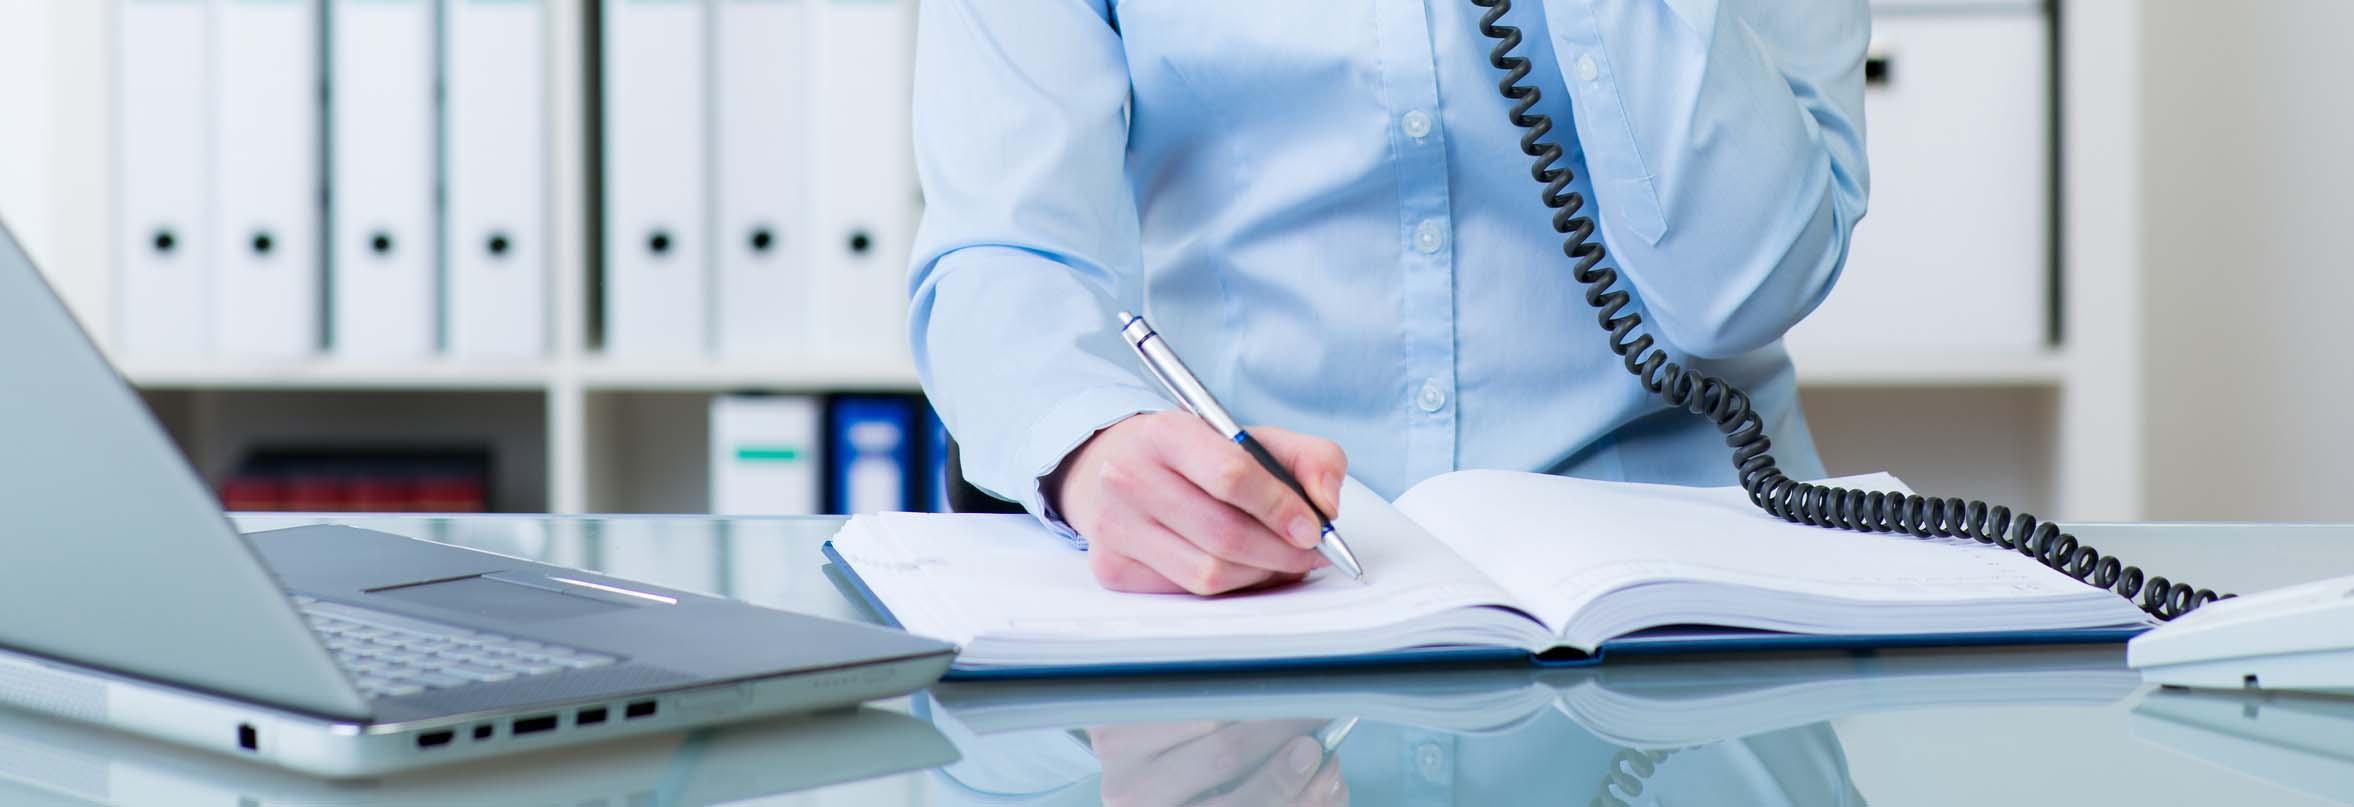 Wann und wie ein Mitglied einen Antrag mit Gerichtshilfe in die Tagesordnung bringen kann